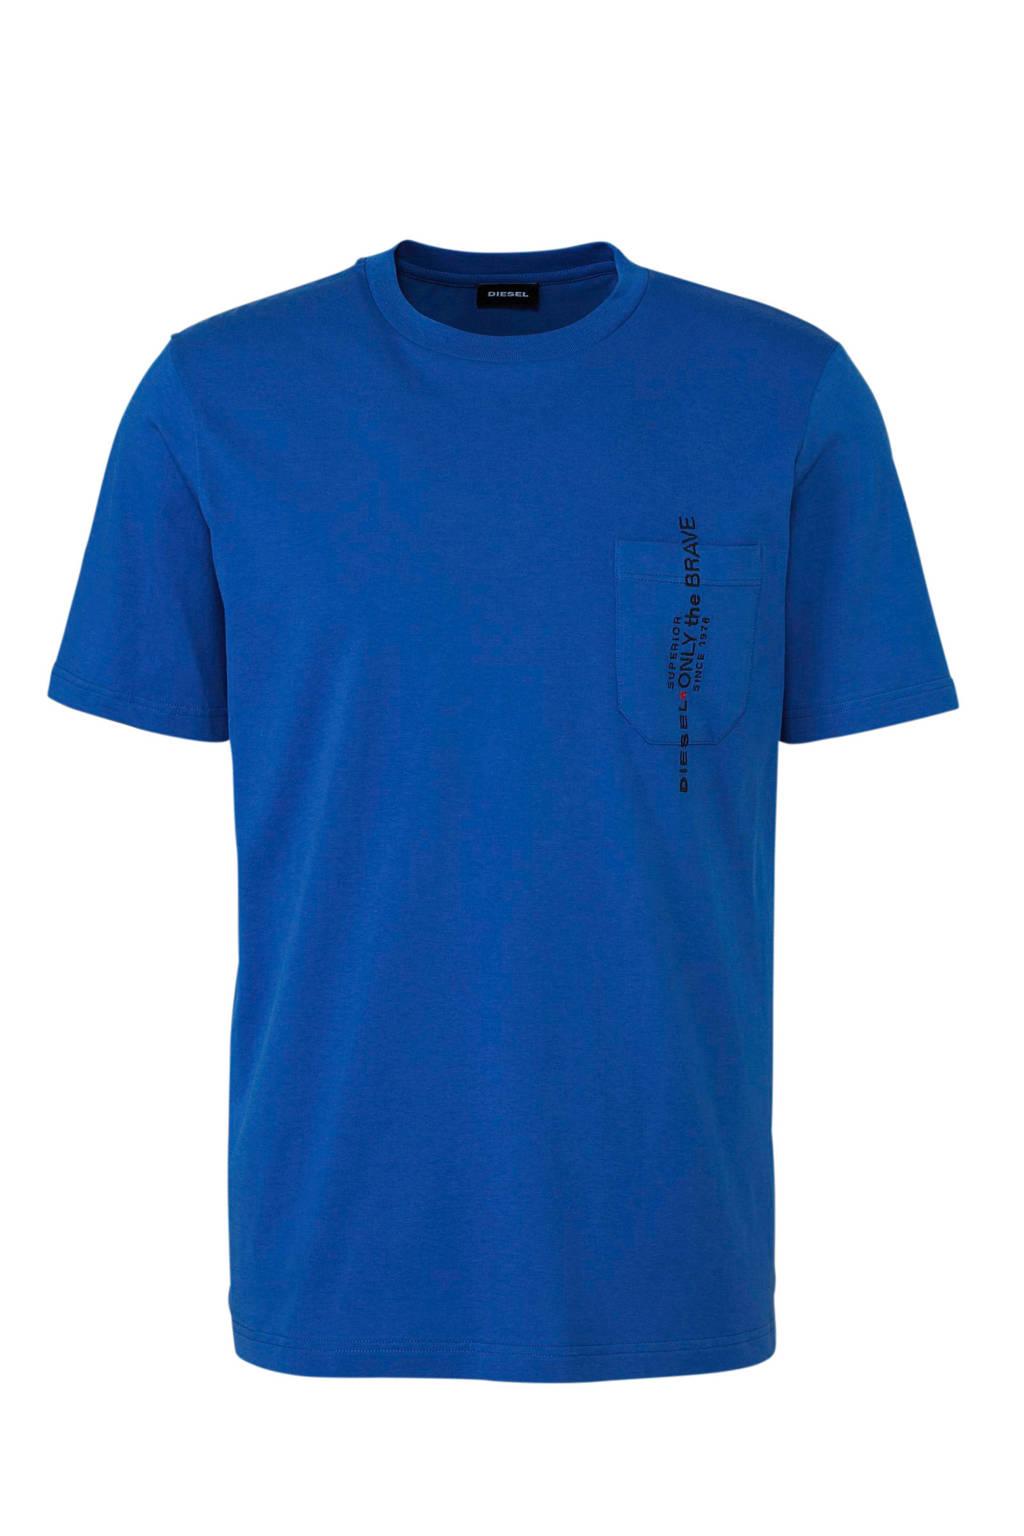 Diesel T-shirt blauw, Blauw